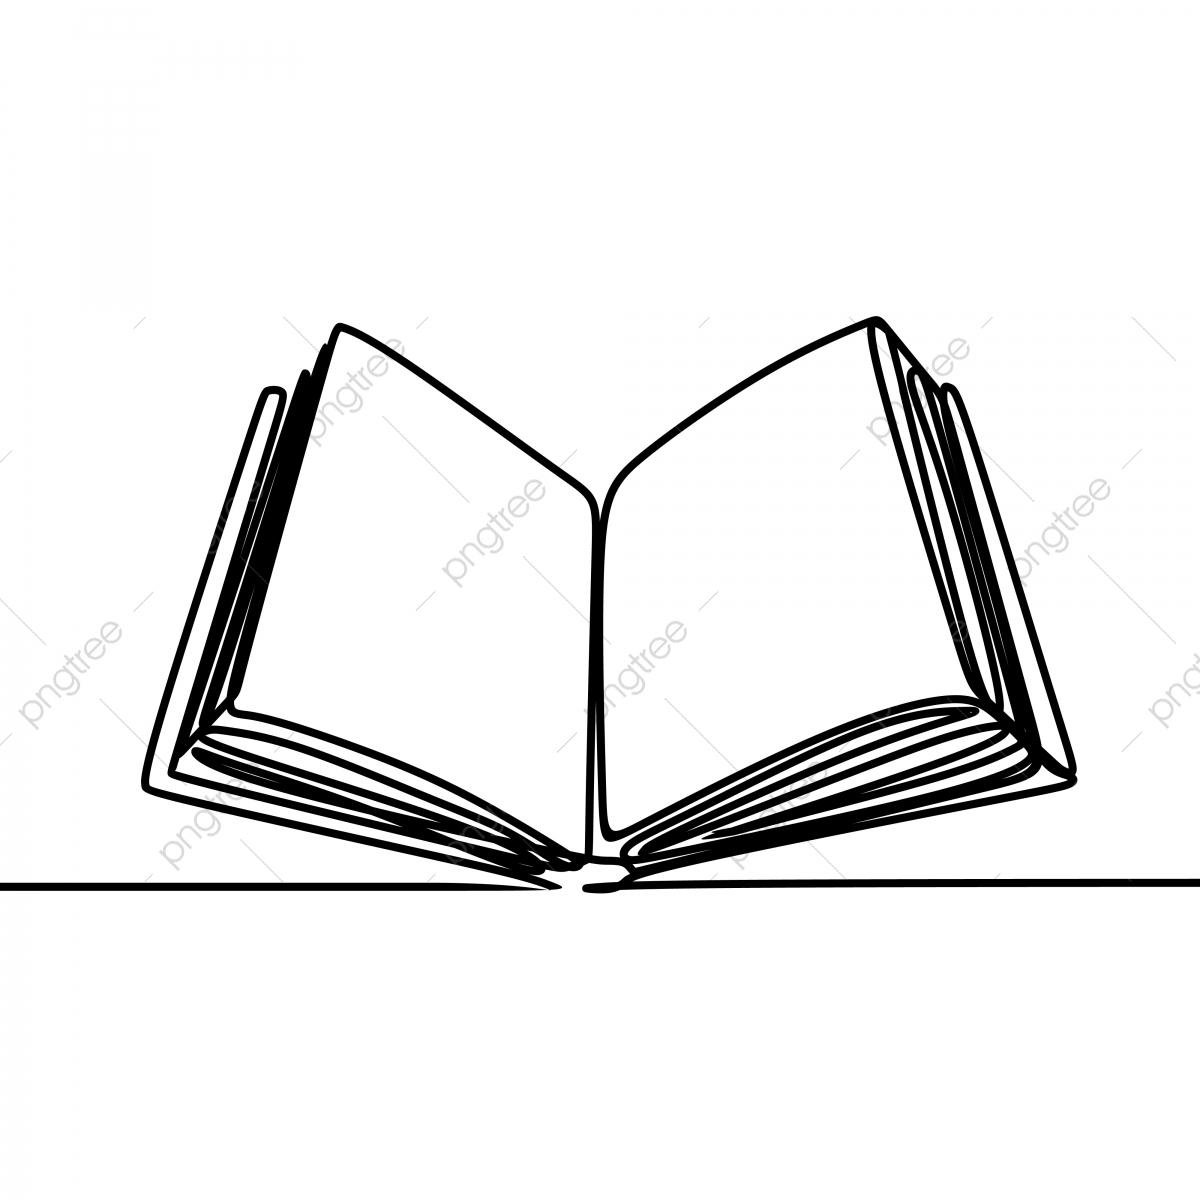 Livre Ouvert Une Ligne Art Dessin Unique Illustration